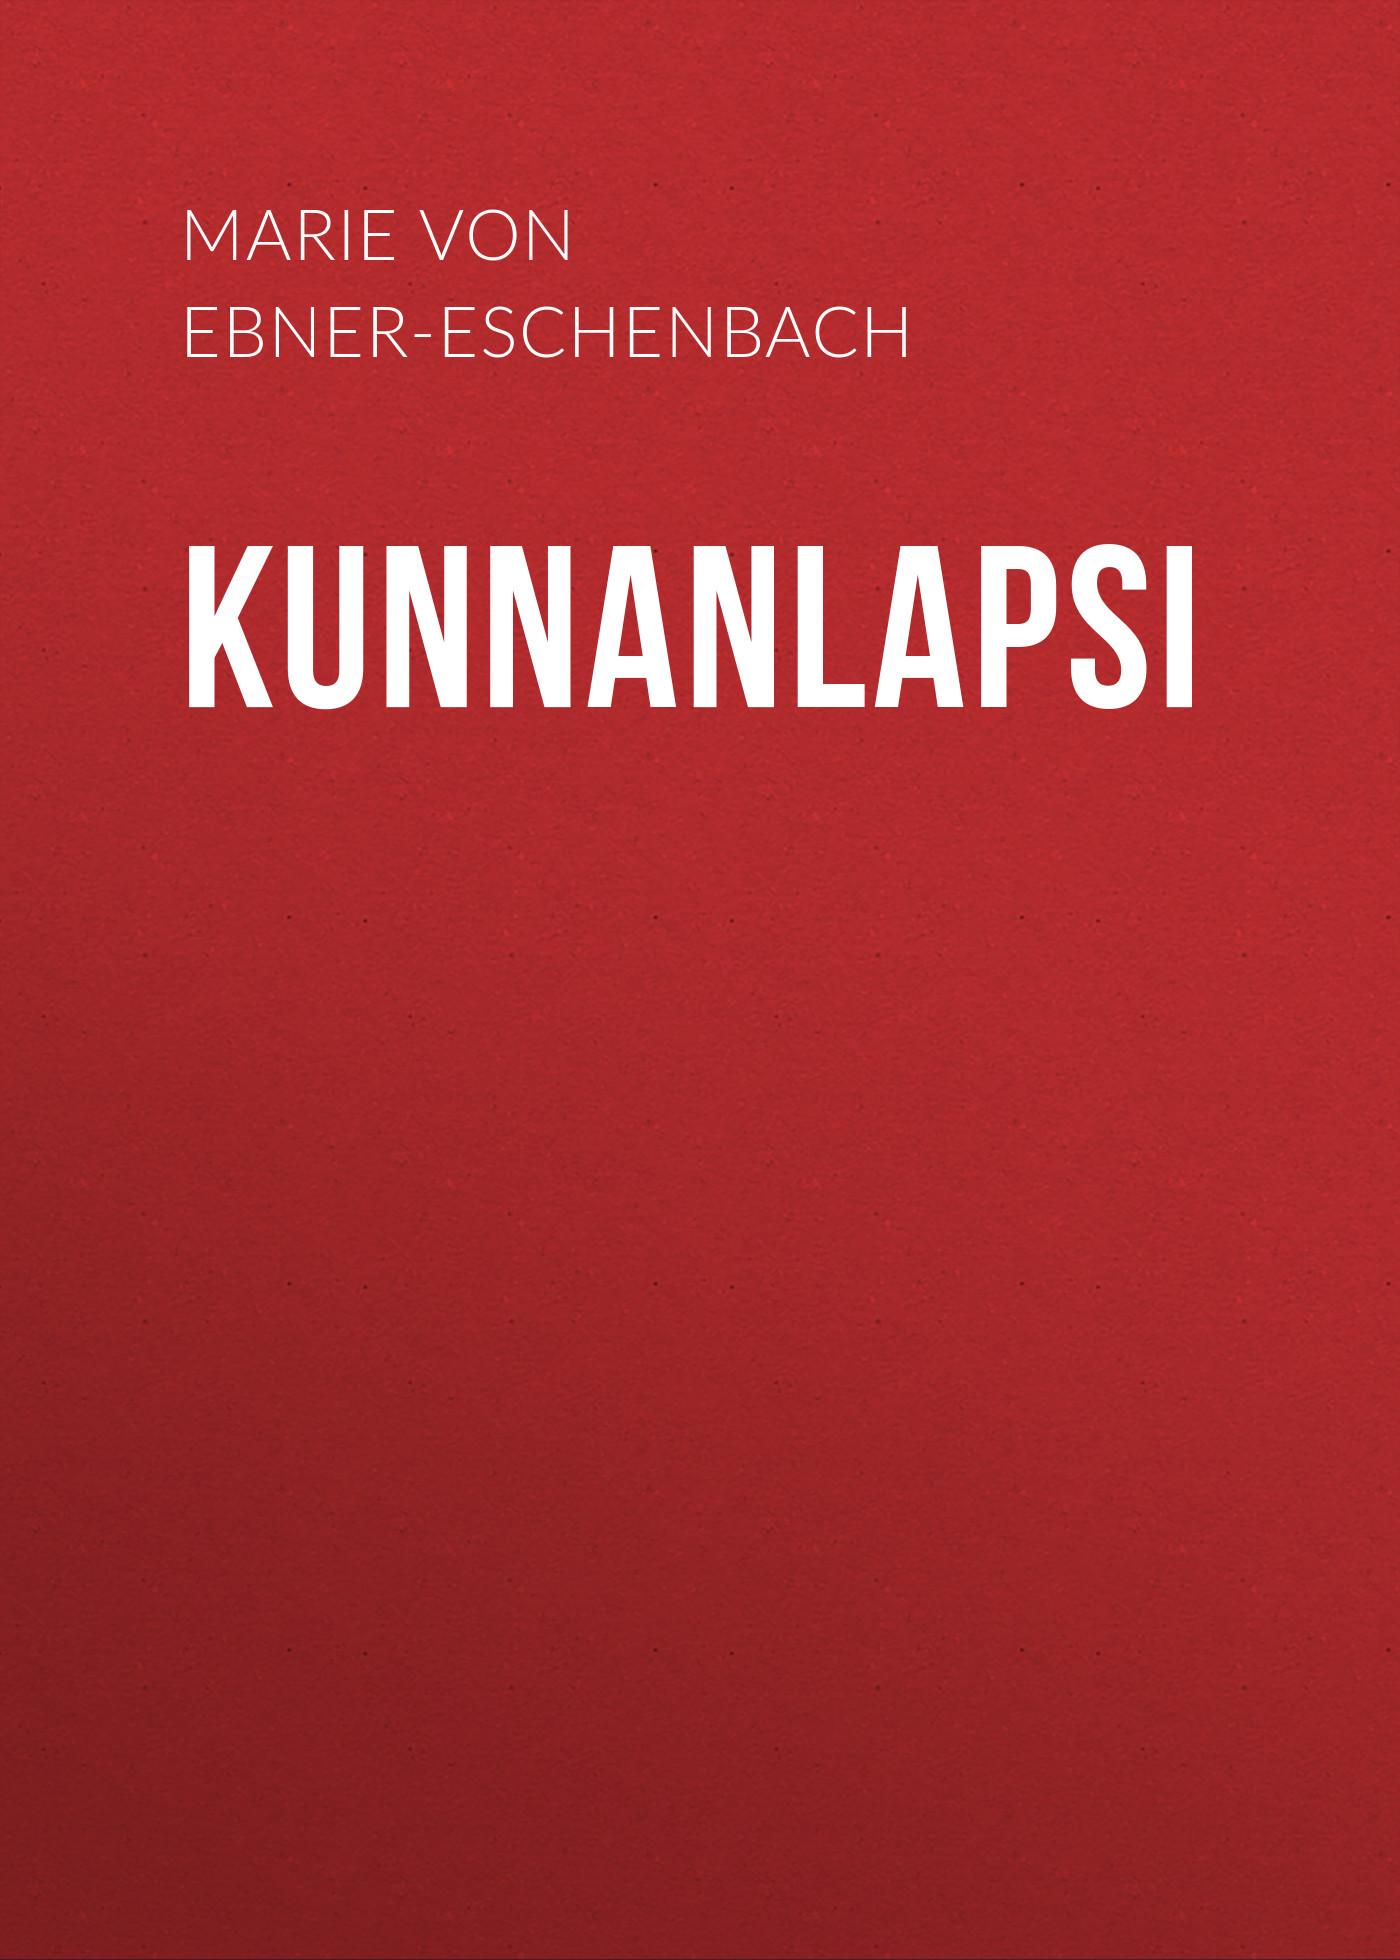 Marie von Ebner-Eschenbach Kunnanlapsi все цены